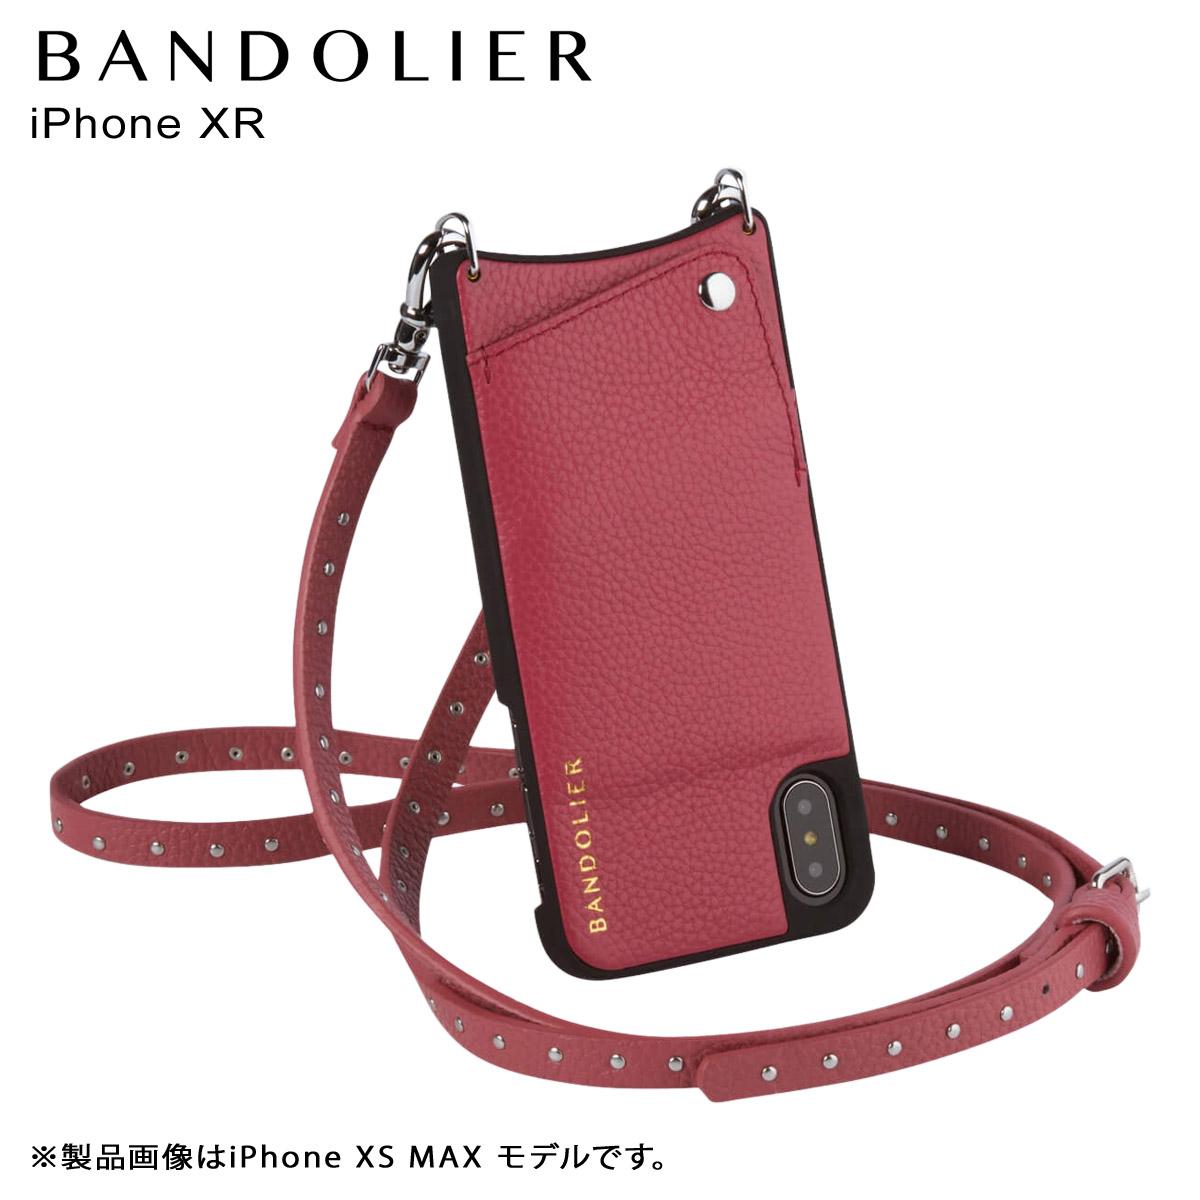 BANDOLIER iPhone XR NICOLE MAGENTA RED バンドリヤー ケース ショルダー スマホ アイフォン レザー メンズ レディース マゼンタ レッド 10NIC1001 [3/18 再入荷]